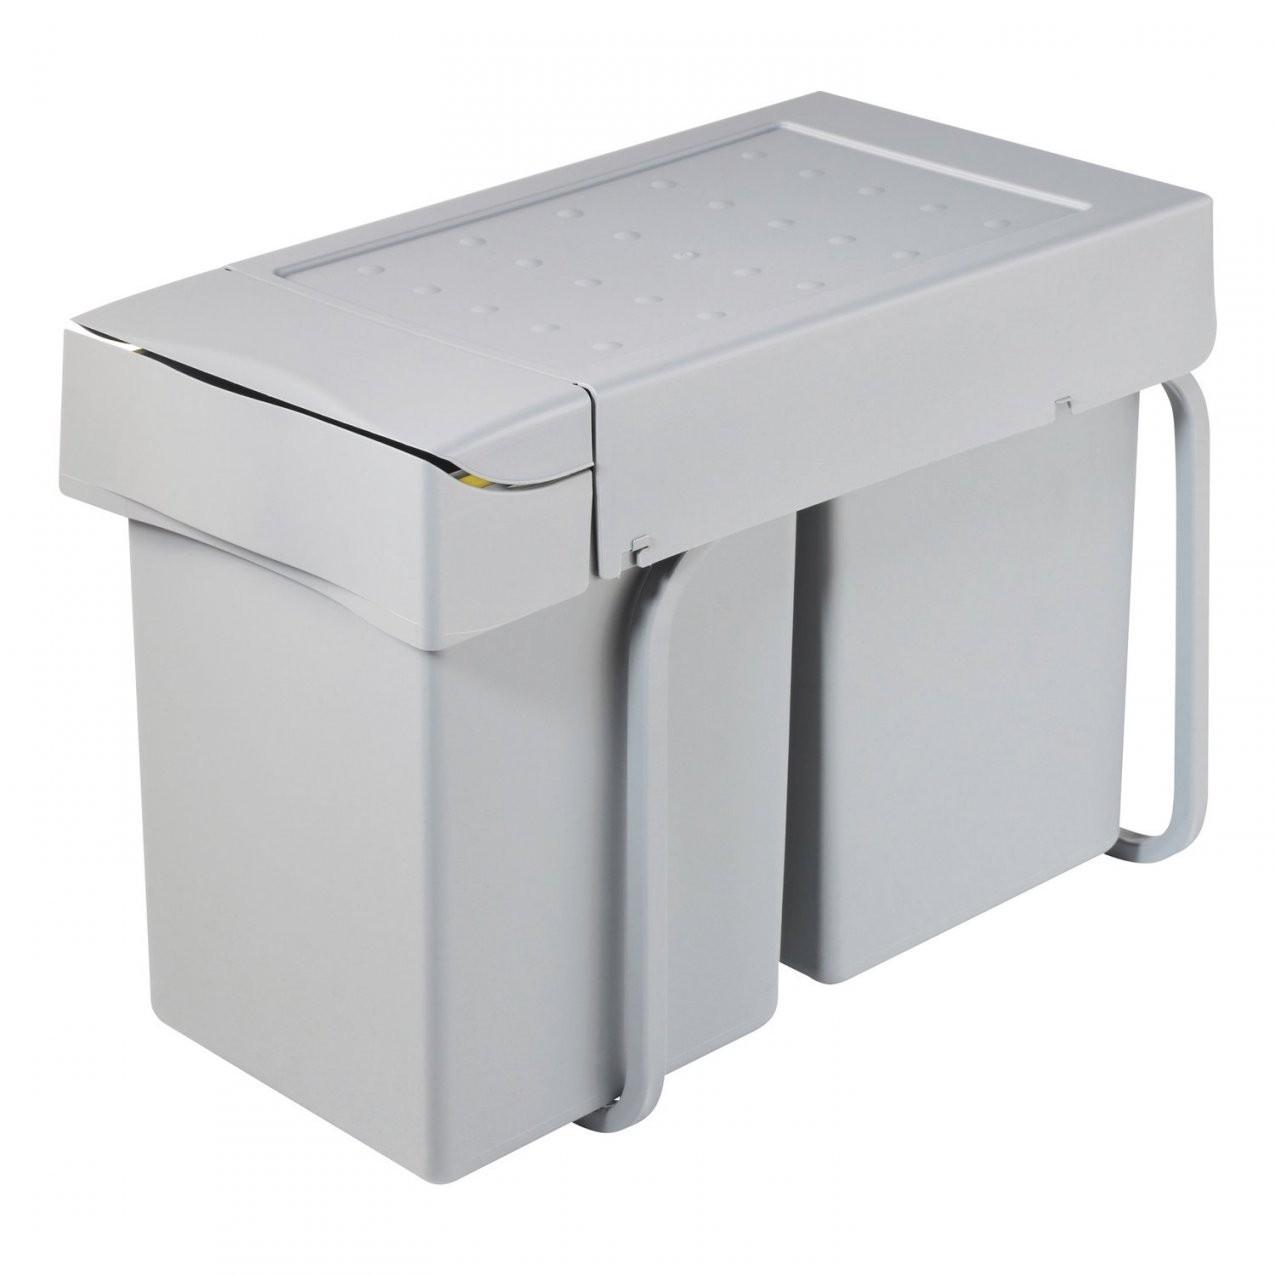 Mülleimer Online Kaufen Bei Obi von Schöne Mülleimer Für Die Küche Bild